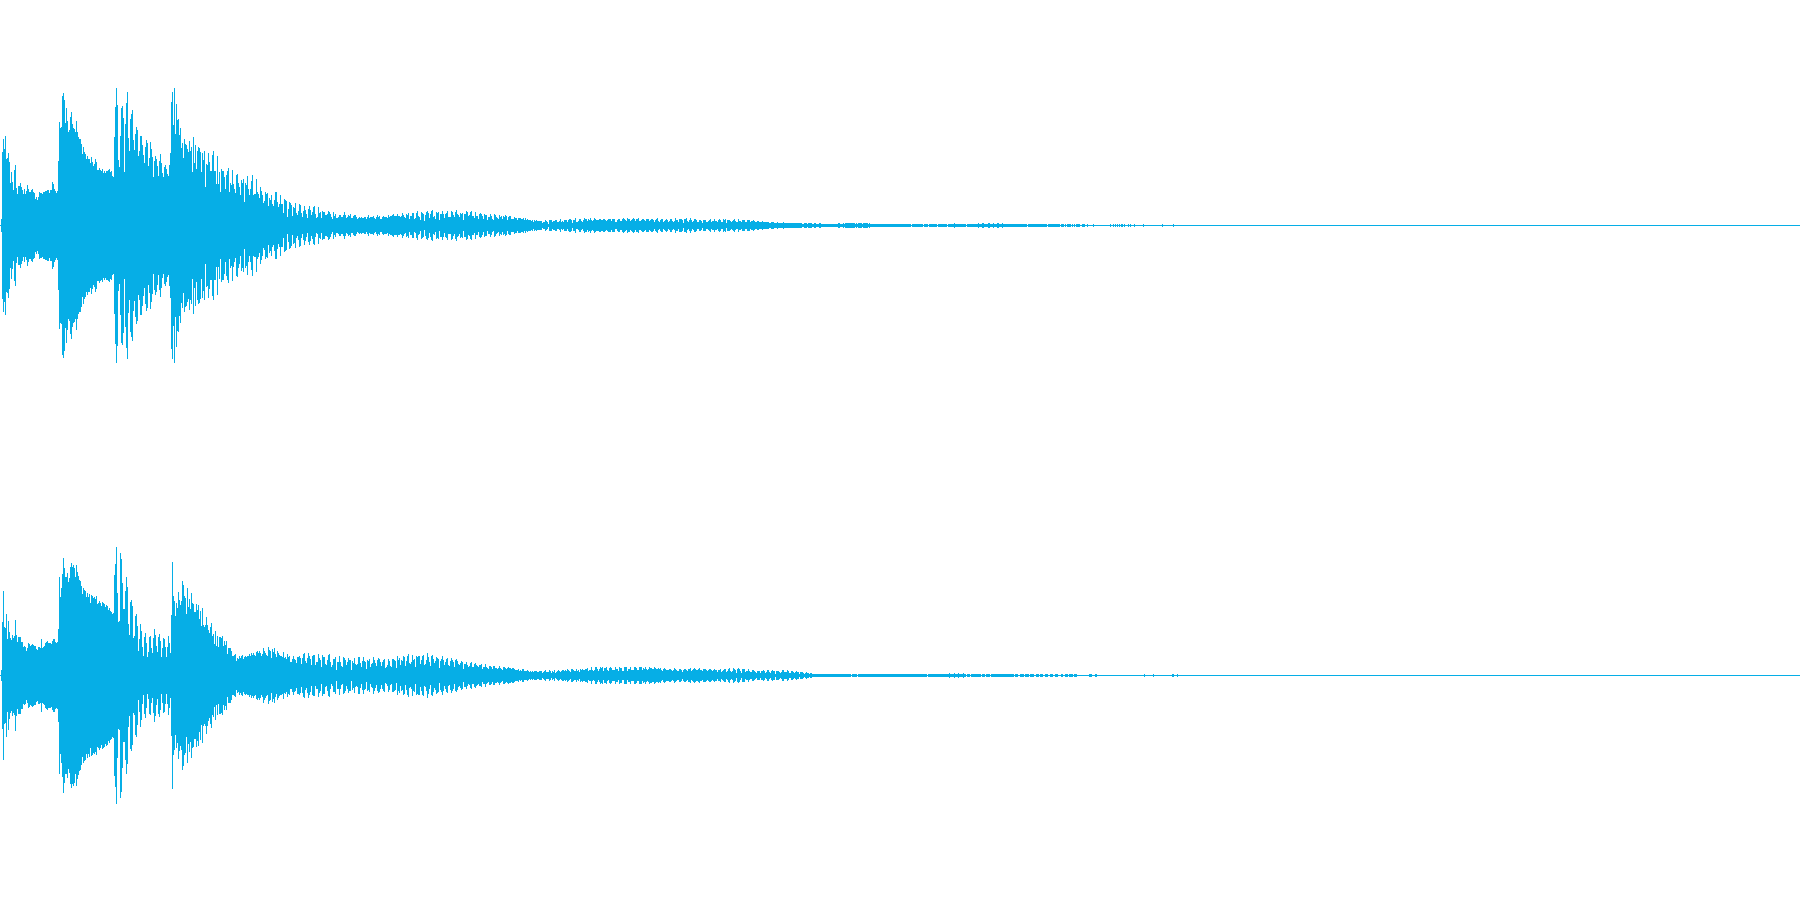 サウンドロゴ27_ピアノAHの再生済みの波形